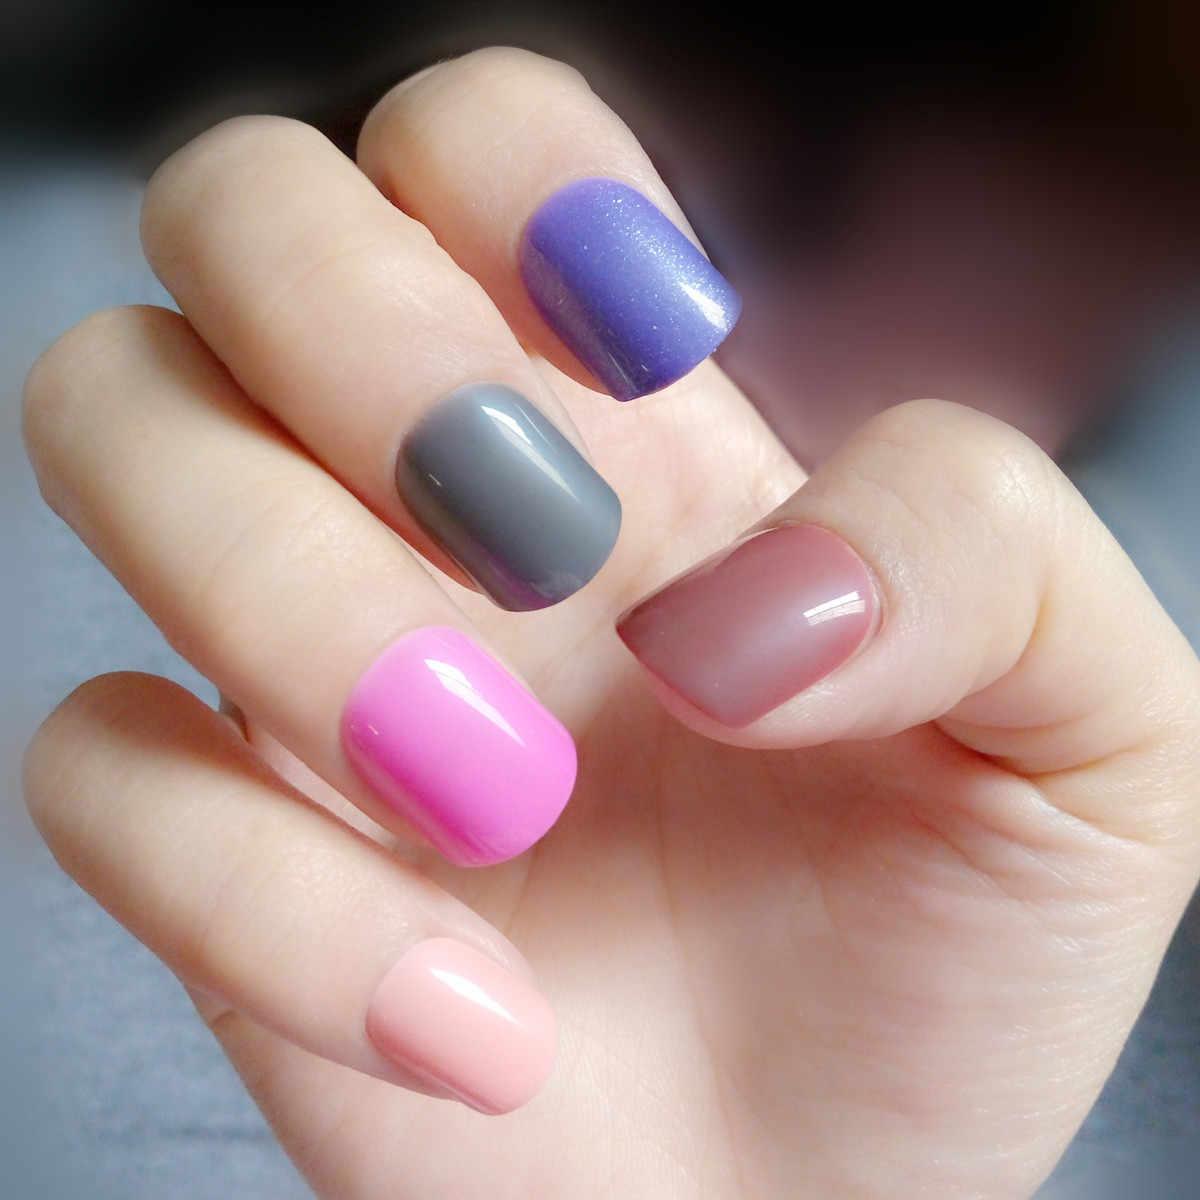 24 sztuk błyszczące sztuczne paznokcie ładny różowy akrylowe sztuczne tipsy krótkie pani paznokci DIY do paznokci salon artystyczny Manicure produkt 006